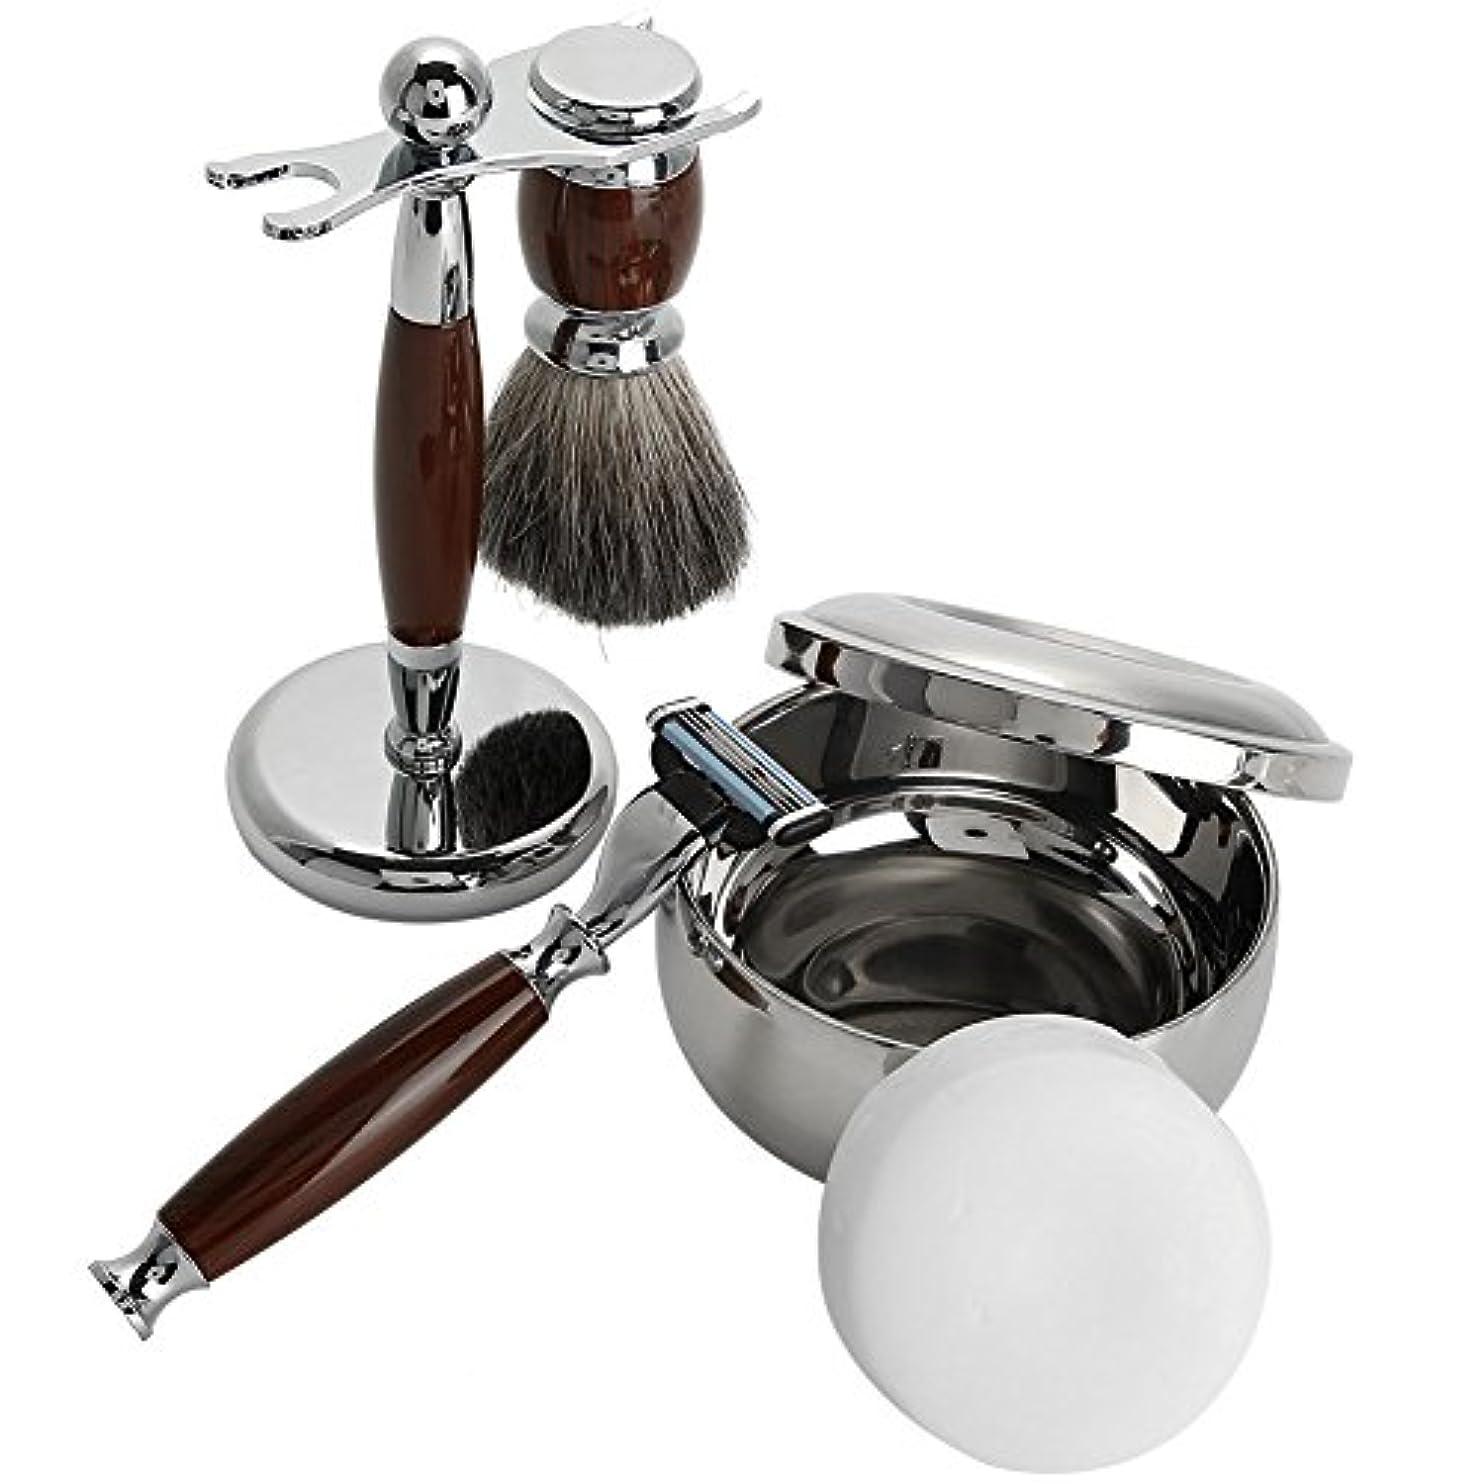 場所矛盾取り消す剃刀 -Dewin シェービングブラシセット、剃刀スタンド、石鹸ボウル、石鹸、洗顔ブラシ、髭剃り、泡立ち、メンズ